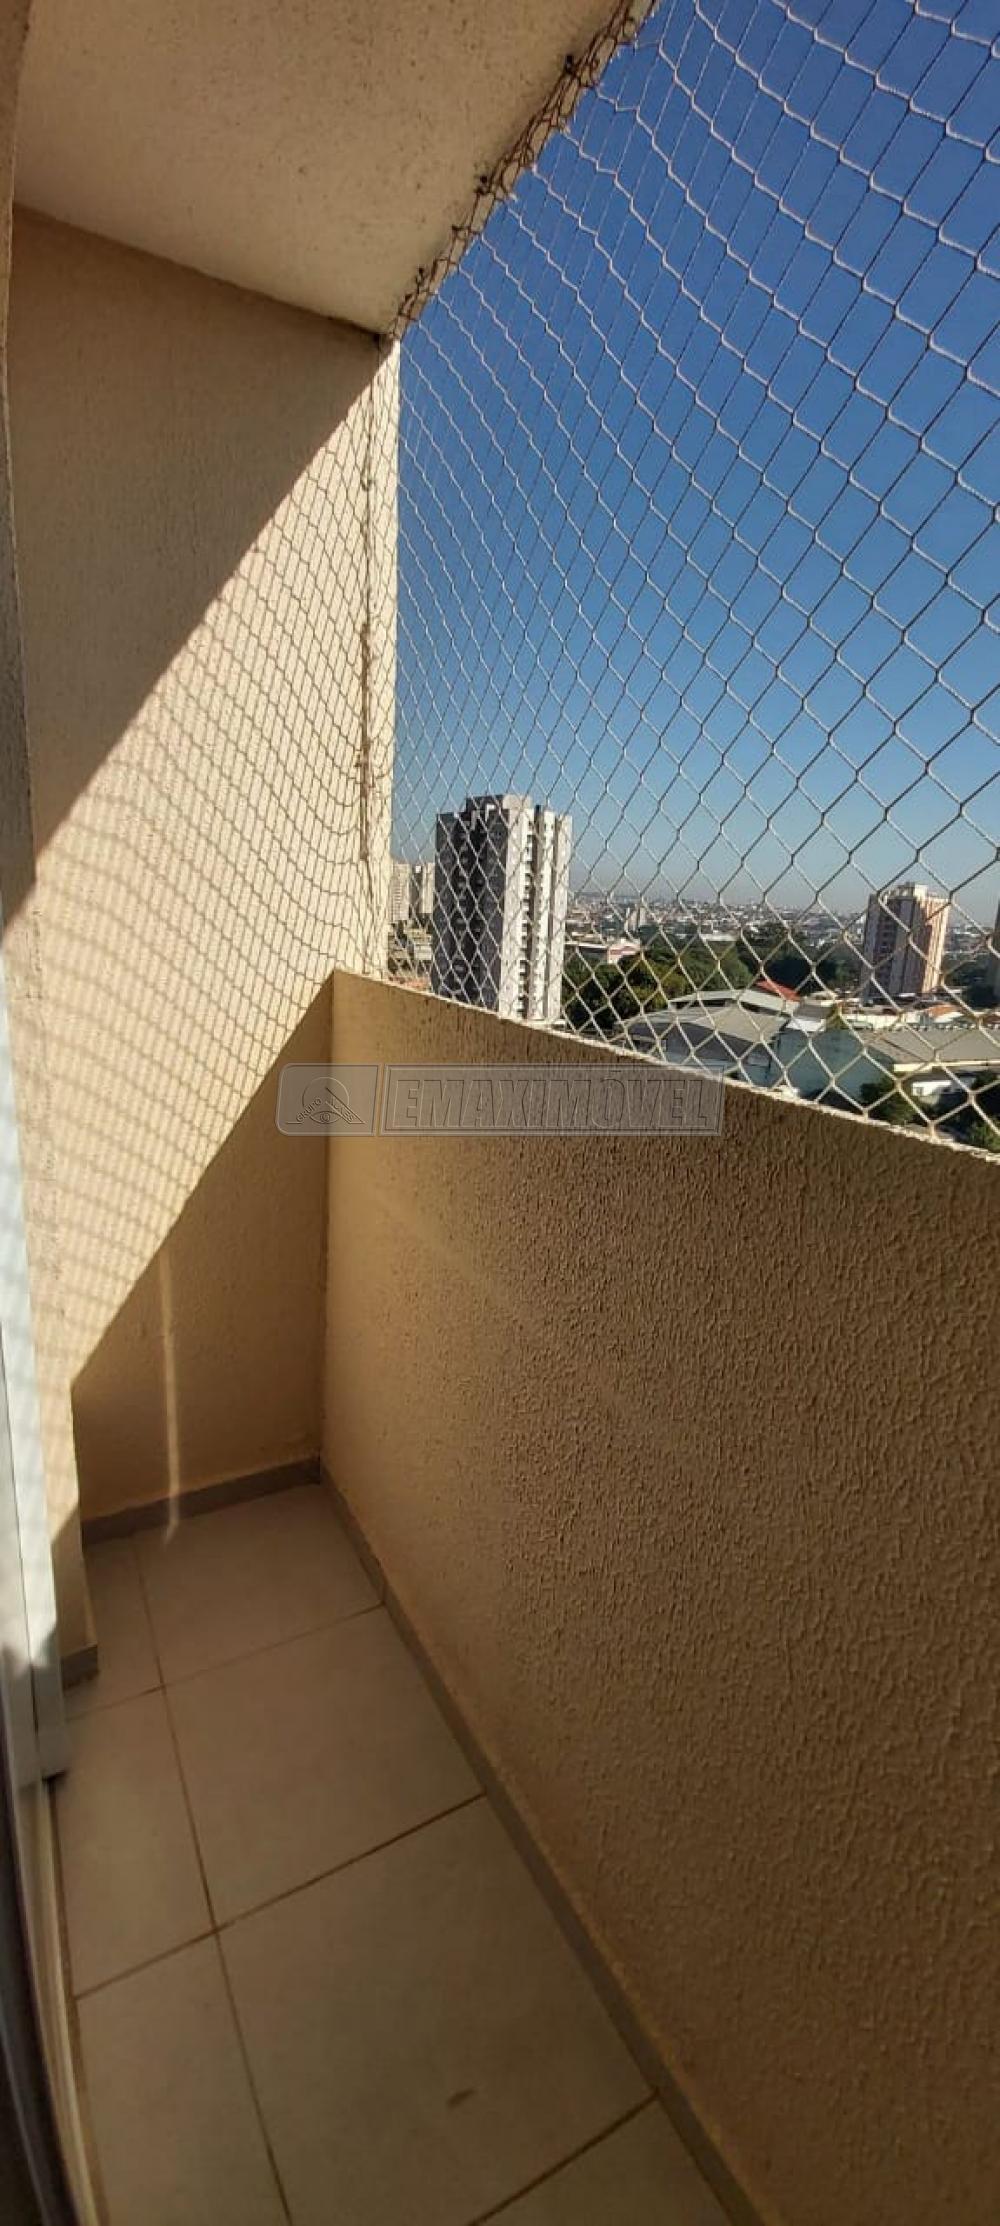 Comprar Apartamento / Padrão em Sorocaba R$ 220.000,00 - Foto 4